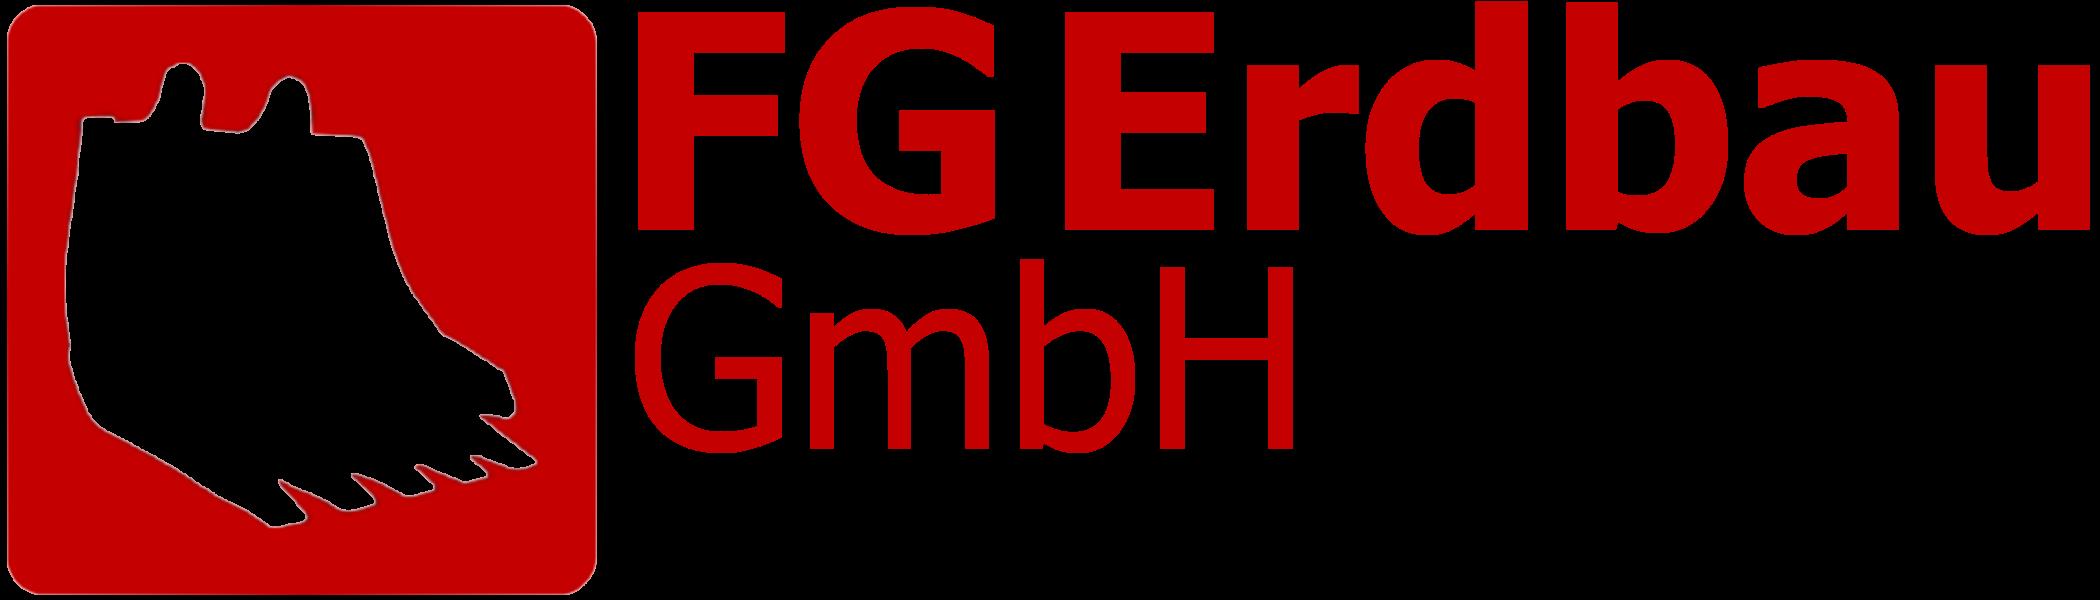 FG Erdbau GmbH